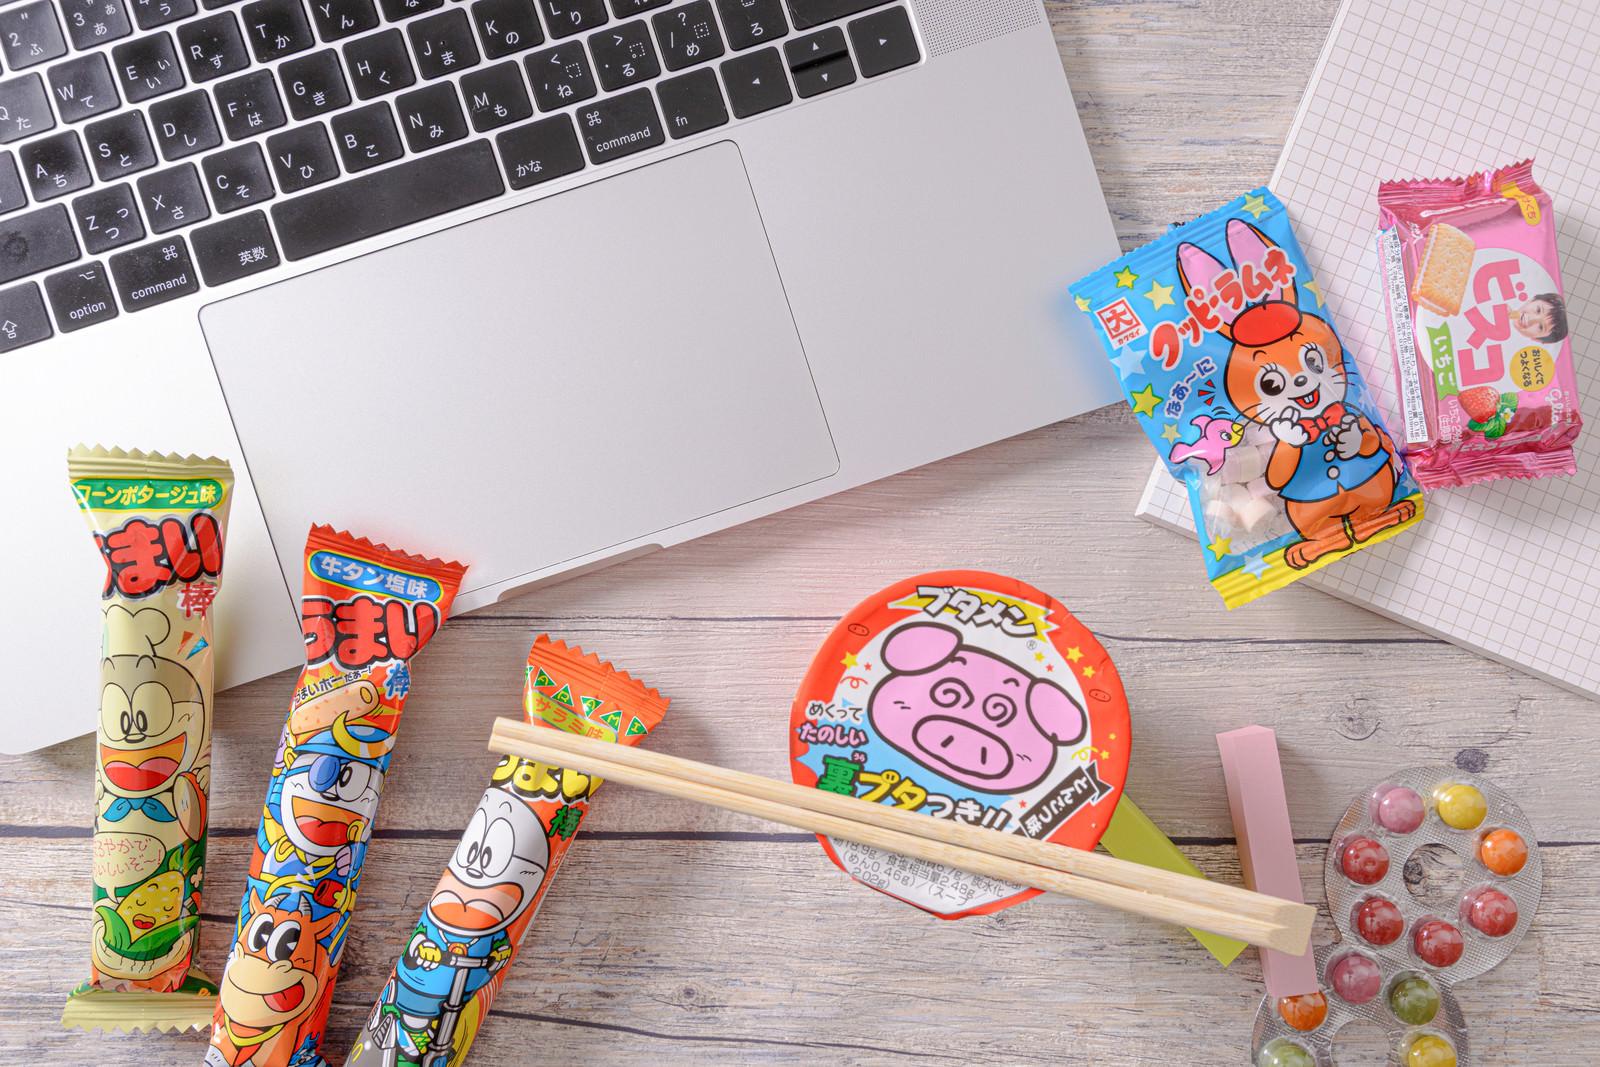 「ブタメンを囲むお菓子とノートPC」の写真